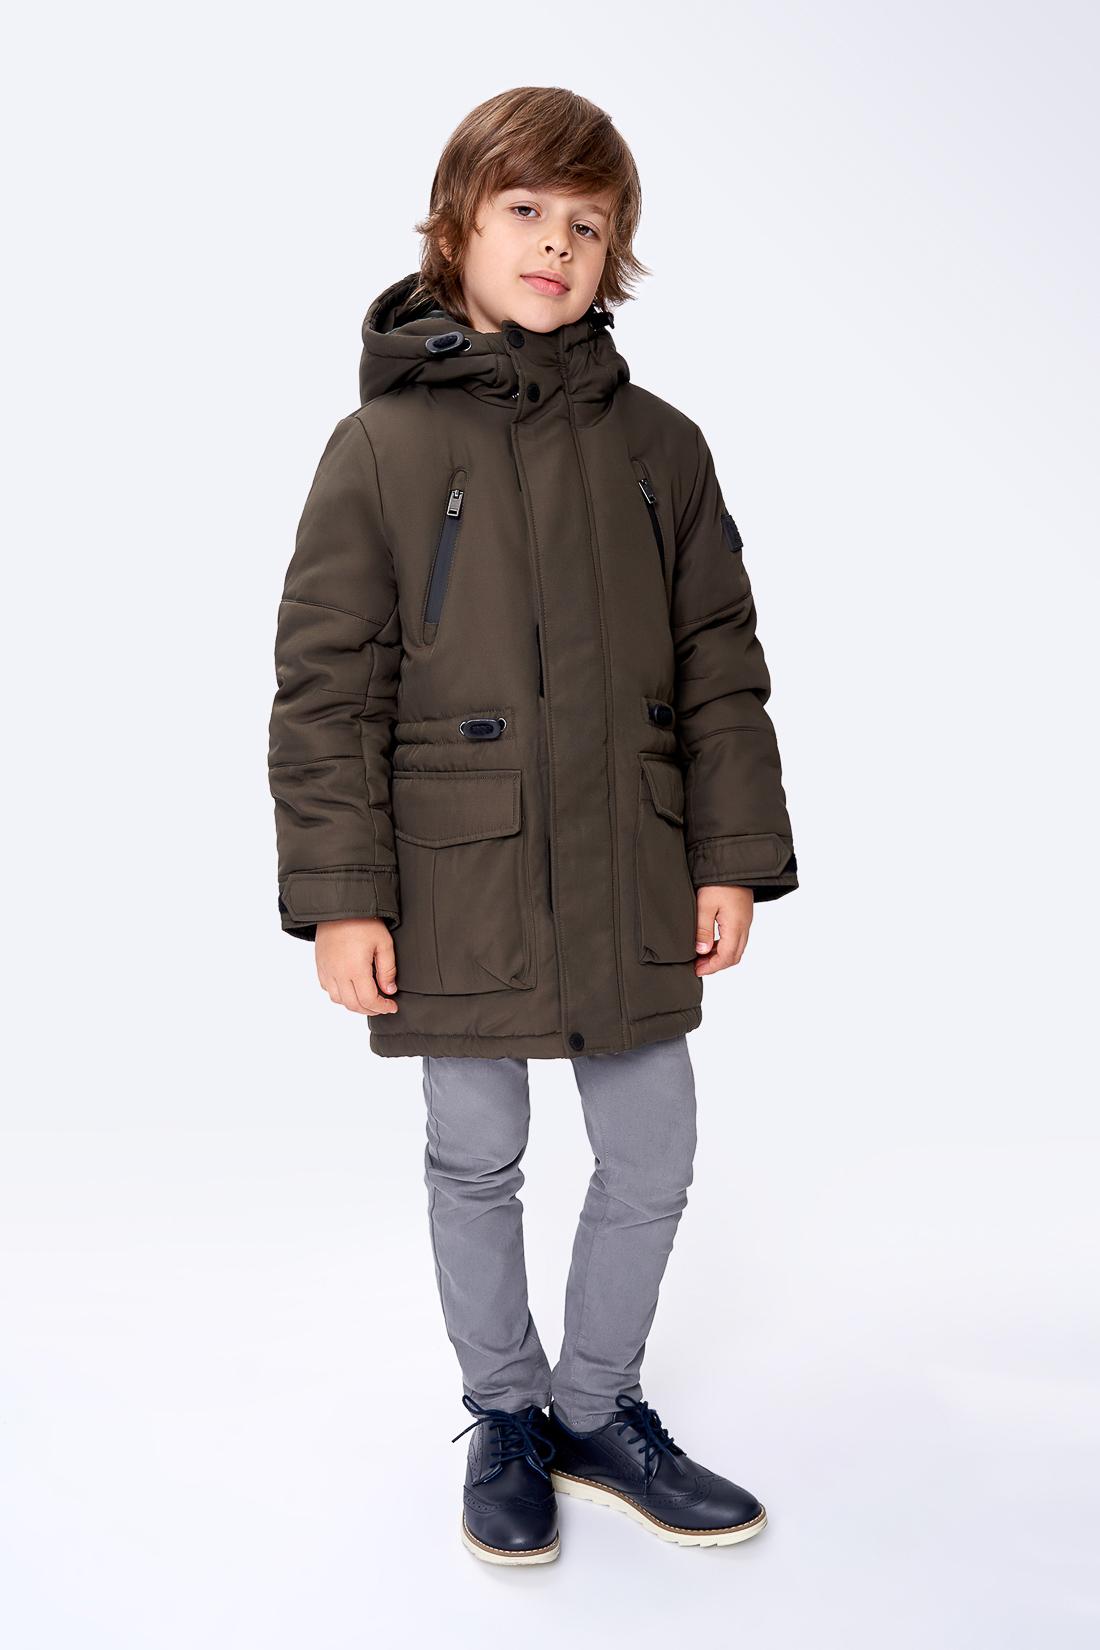 Купить Куртка для мальчика Baon BK539503 цв. зеленый р.146,